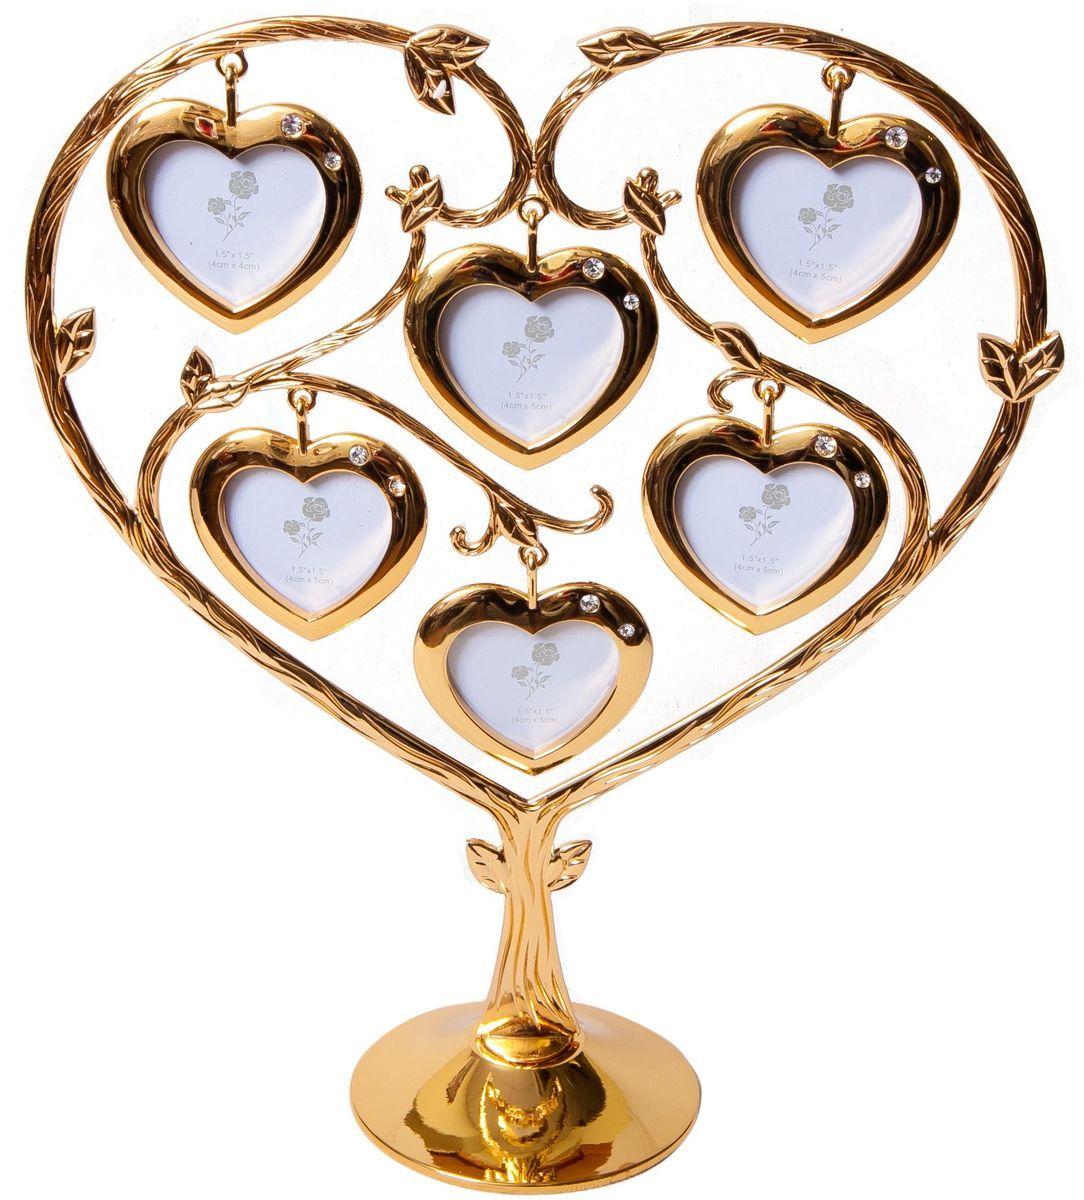 Фоторамка Platinum Дерево. Сердца, цвет: золотистый, на 6 фото, 4 x 5 см. PF9902SG6 фоторамок на дереве PF9902SG GOLDДекоративная фоторамка Platinum Дерево. Сердца выполнена из металла. На подставку в виде деревца подвешиваются шесть фоторамок в форме сердец. Фоторамка украшена стазами. Изысканная и эффектная, эта потрясающая рамочка покорит своей красотой и изумительным качеством исполнения. Фоторамка Platinum Дерево. Сердца не только украсит интерьер помещения, но и поможет разместить фото всей вашей семьи. Высота фоторамки: 25,5 см. Фоторамка подходит для фотографий 4 x 5 см. Общий размер фоторамки: 22 х 6 х 25,5 см.